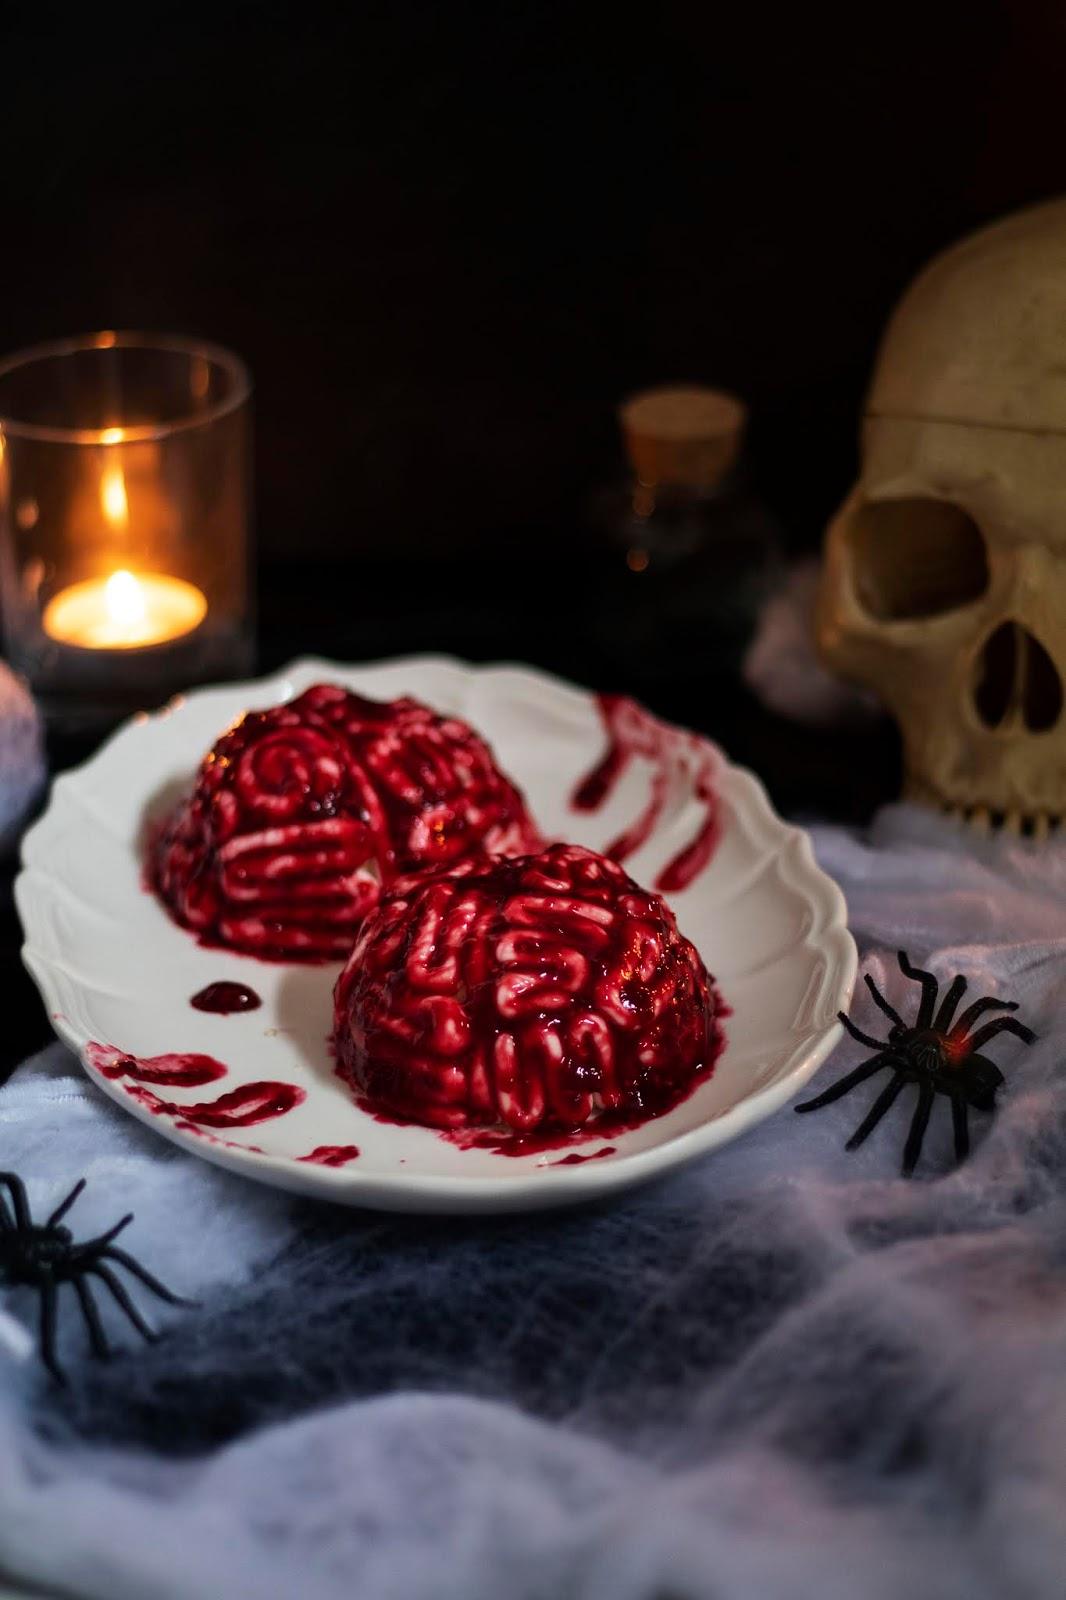 Recette de cerveaux d'Halloween au chocolat blanc et coeur coulant framboise